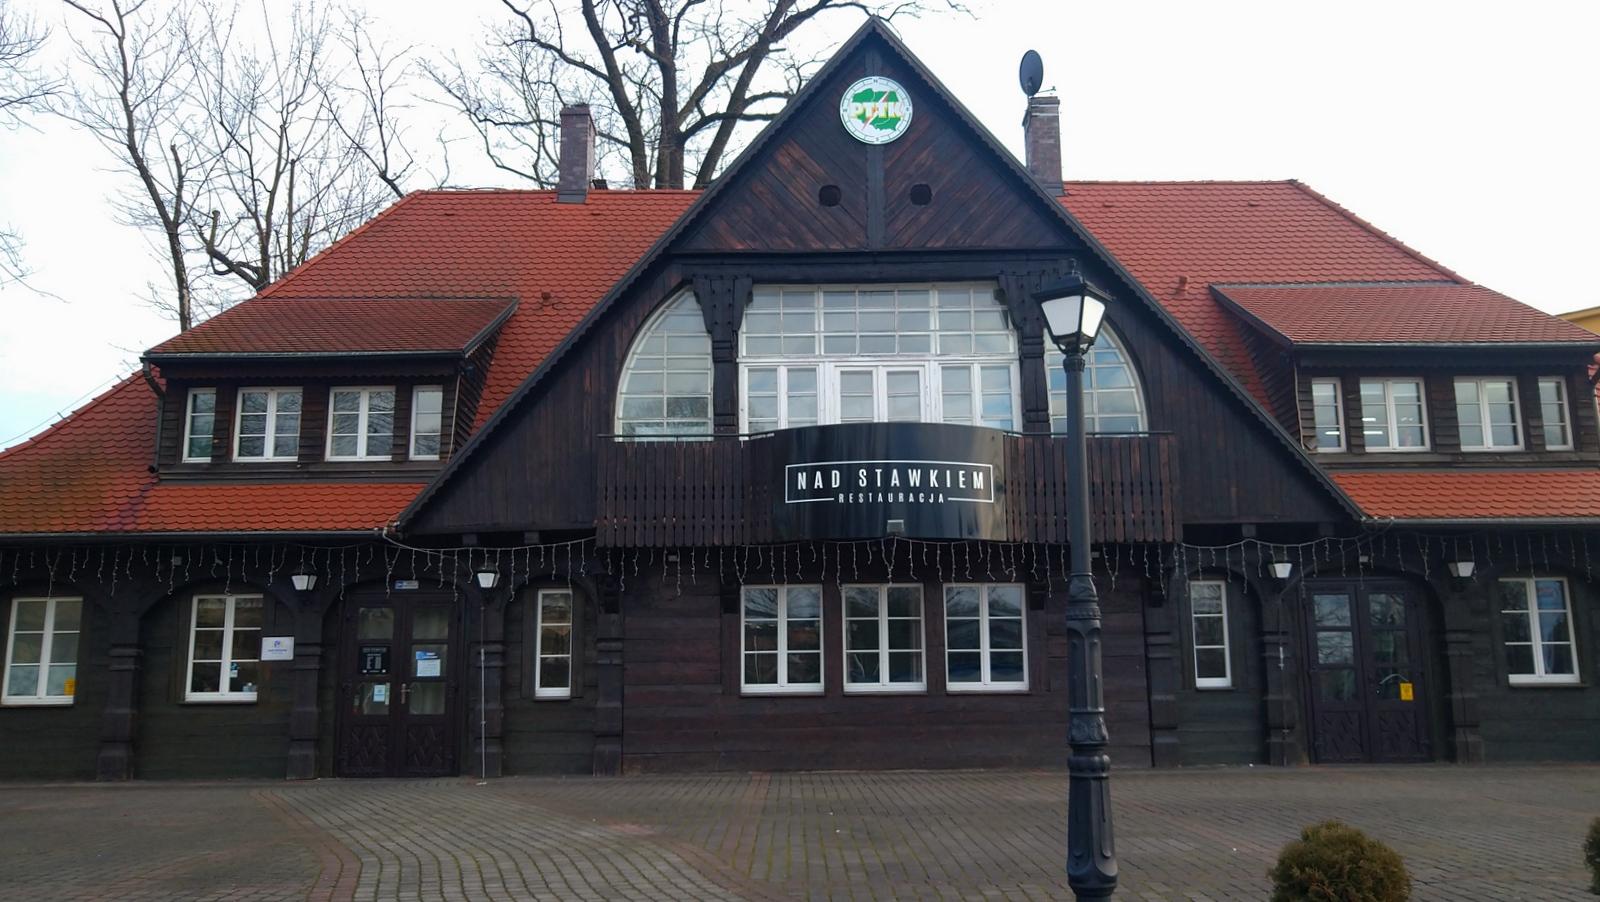 Domek lodowy nad stawkiem - siedziba Oddziału Regionalnego PTTK Ślaska Opolskiego [fot. Barbara Tyslik]